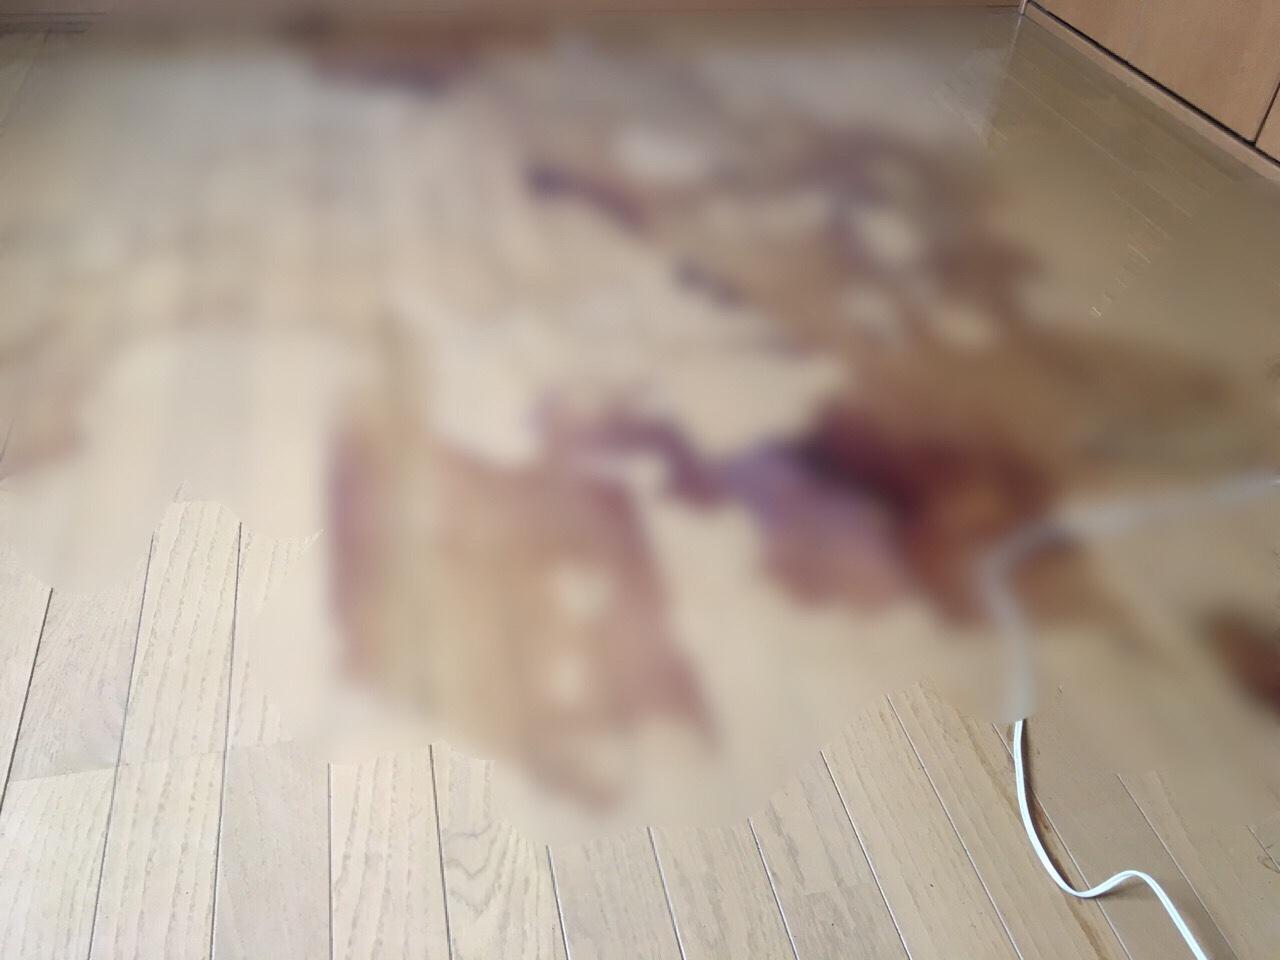 血液の特殊清掃 イメージ